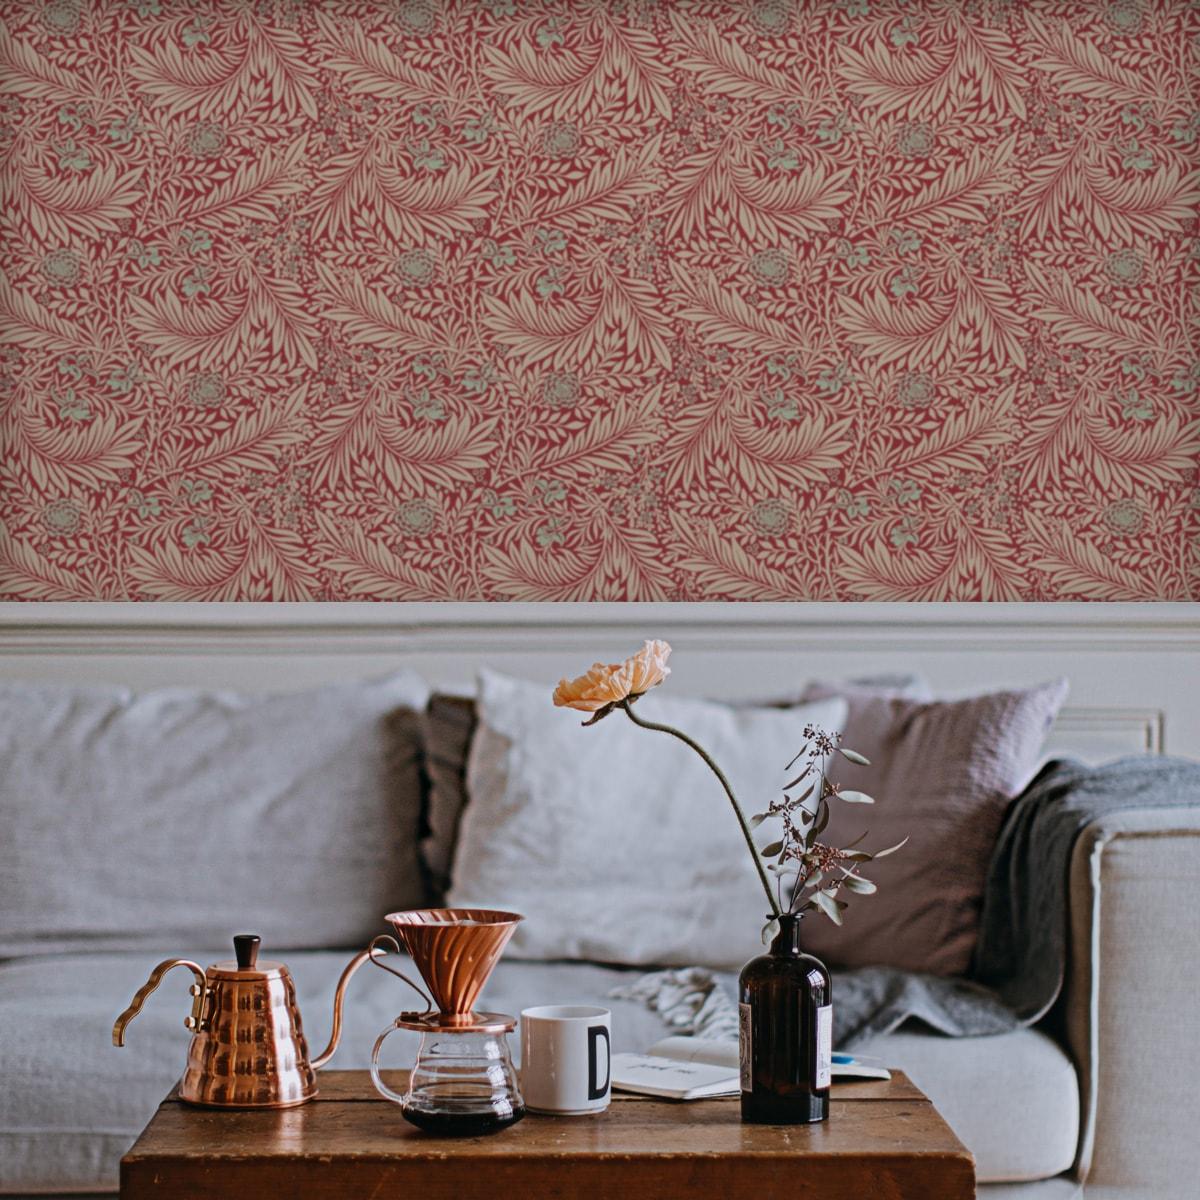 Schlafzimmer tapezieren in grün: Feine Jugendstil Tapete